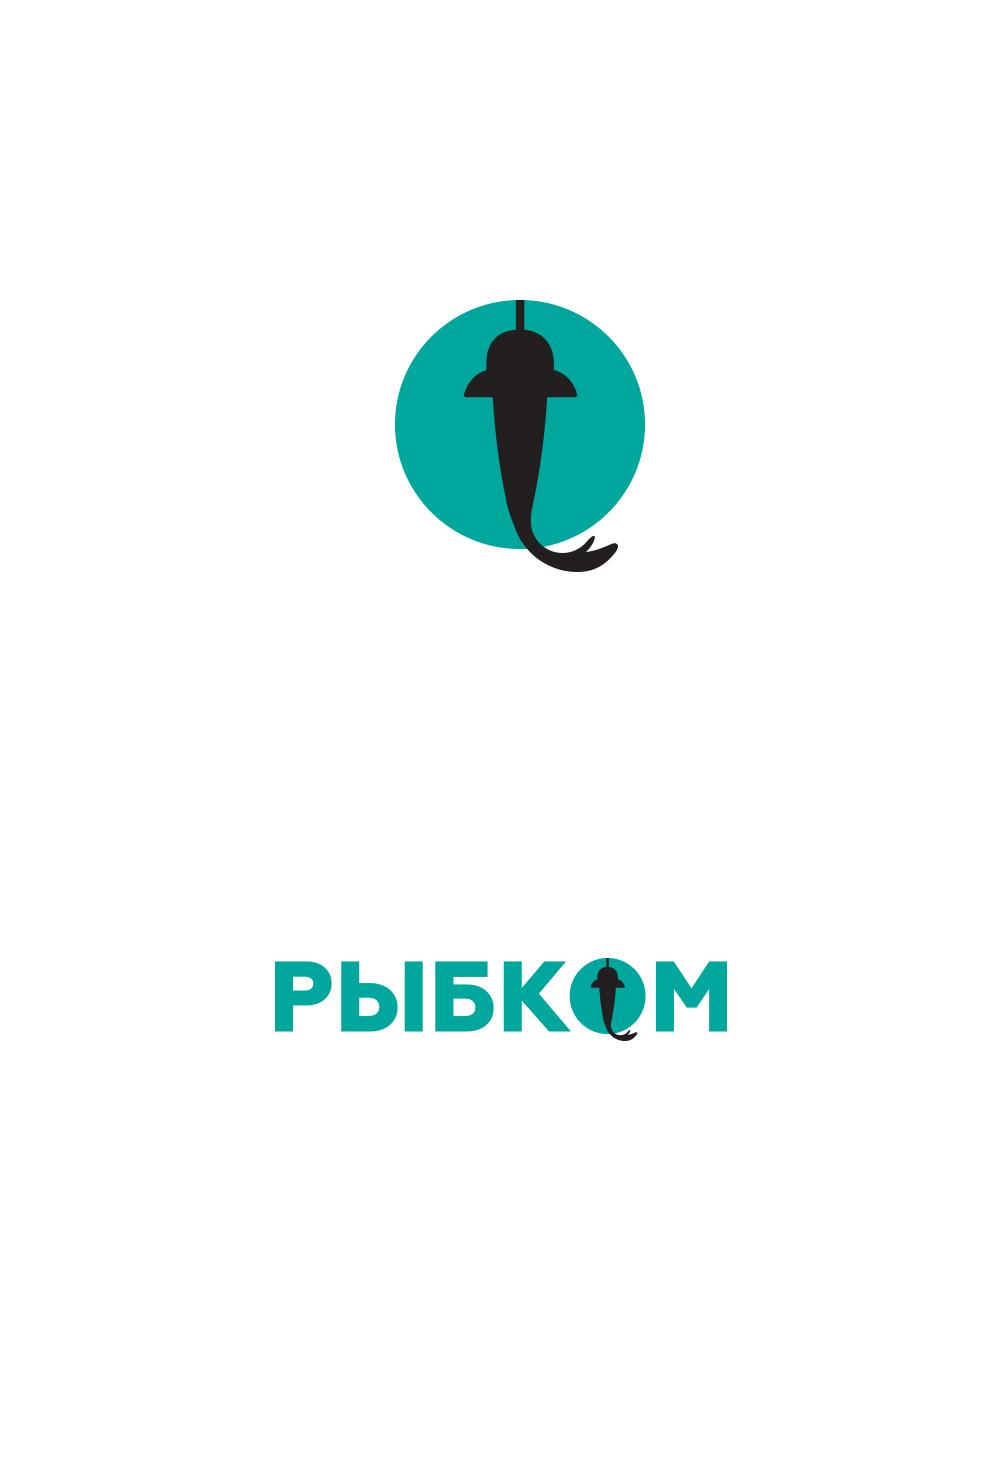 Создание логотипа и брэндбука для компании РЫБКОМ фото f_5155c1a842a33df9.jpg